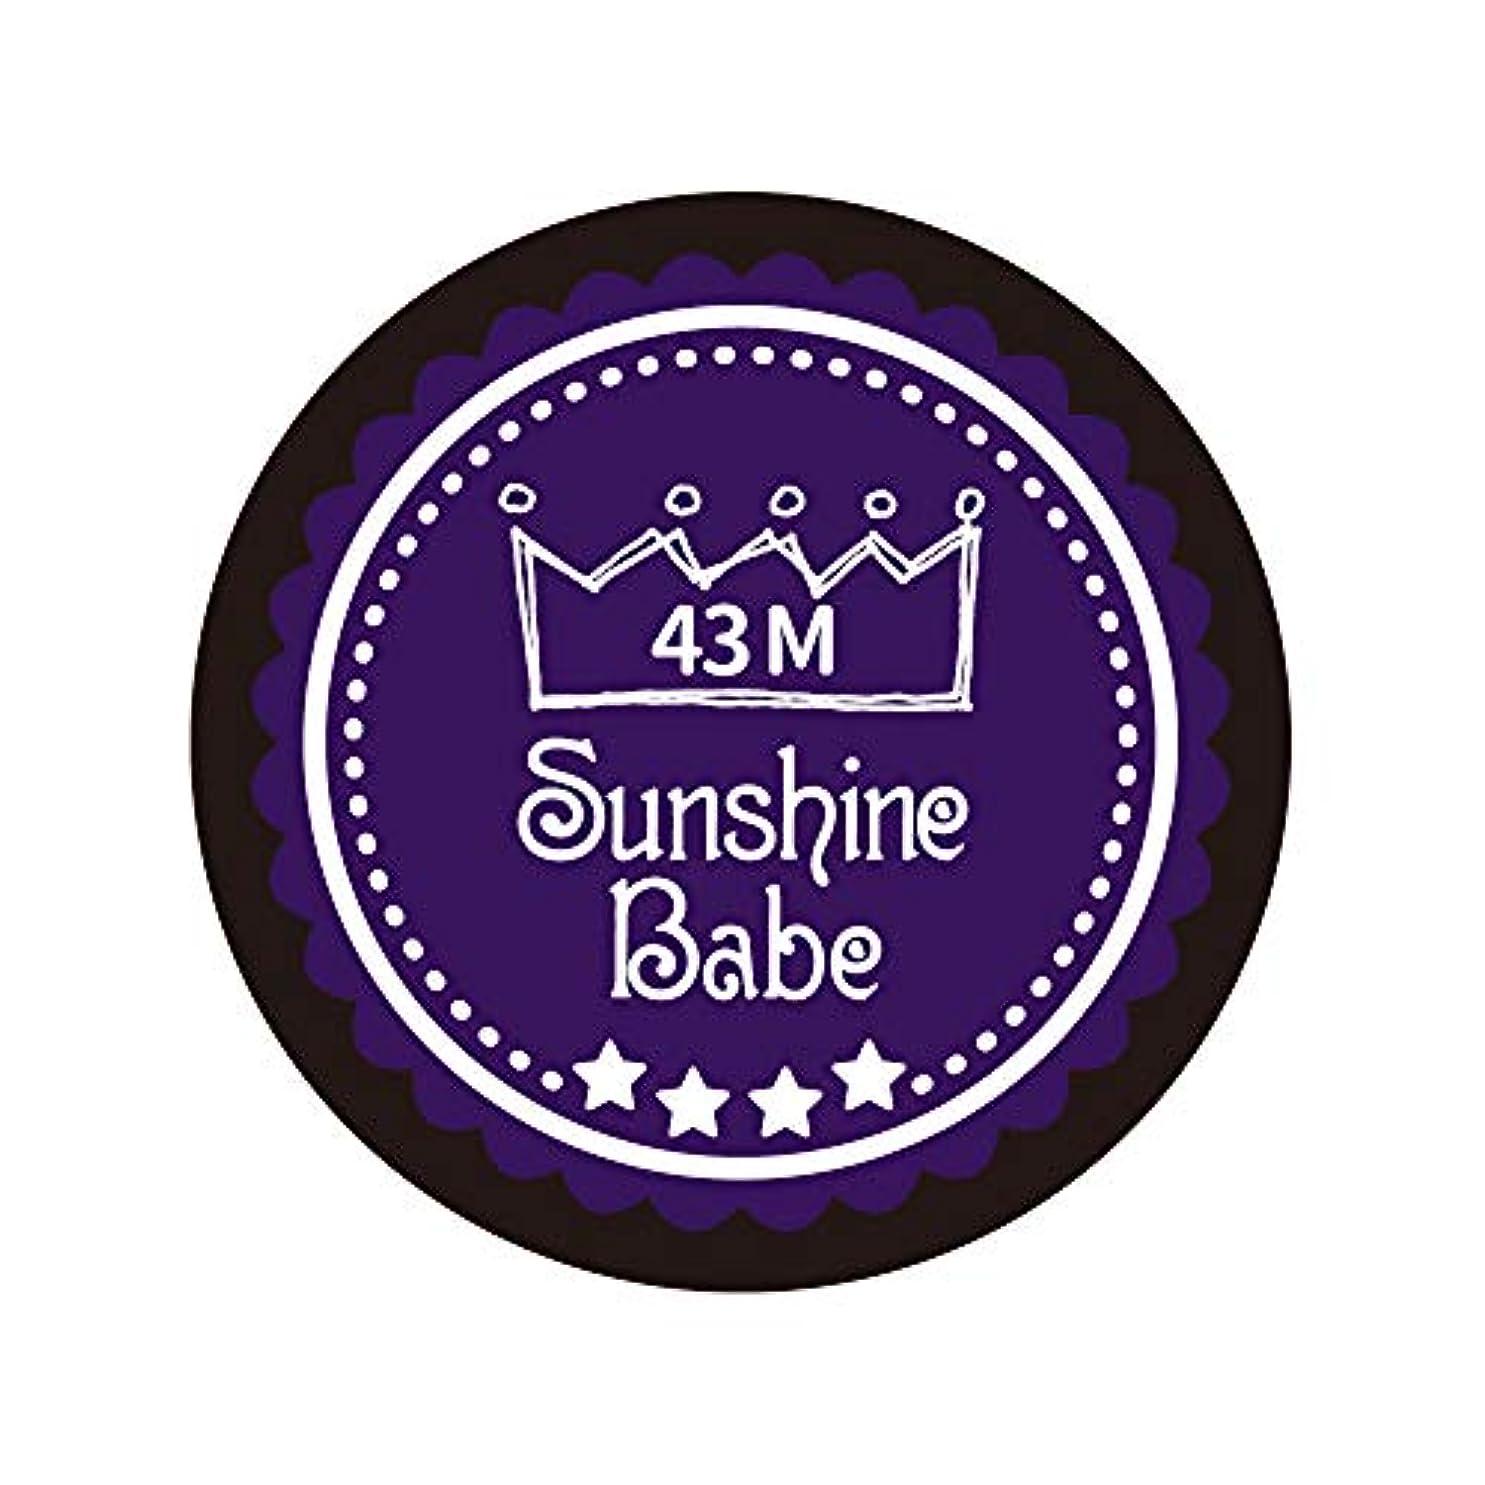 ラダ簿記係ところでSunshine Babe カラージェル 43M オータムウルトラバイオレット 4g UV/LED対応